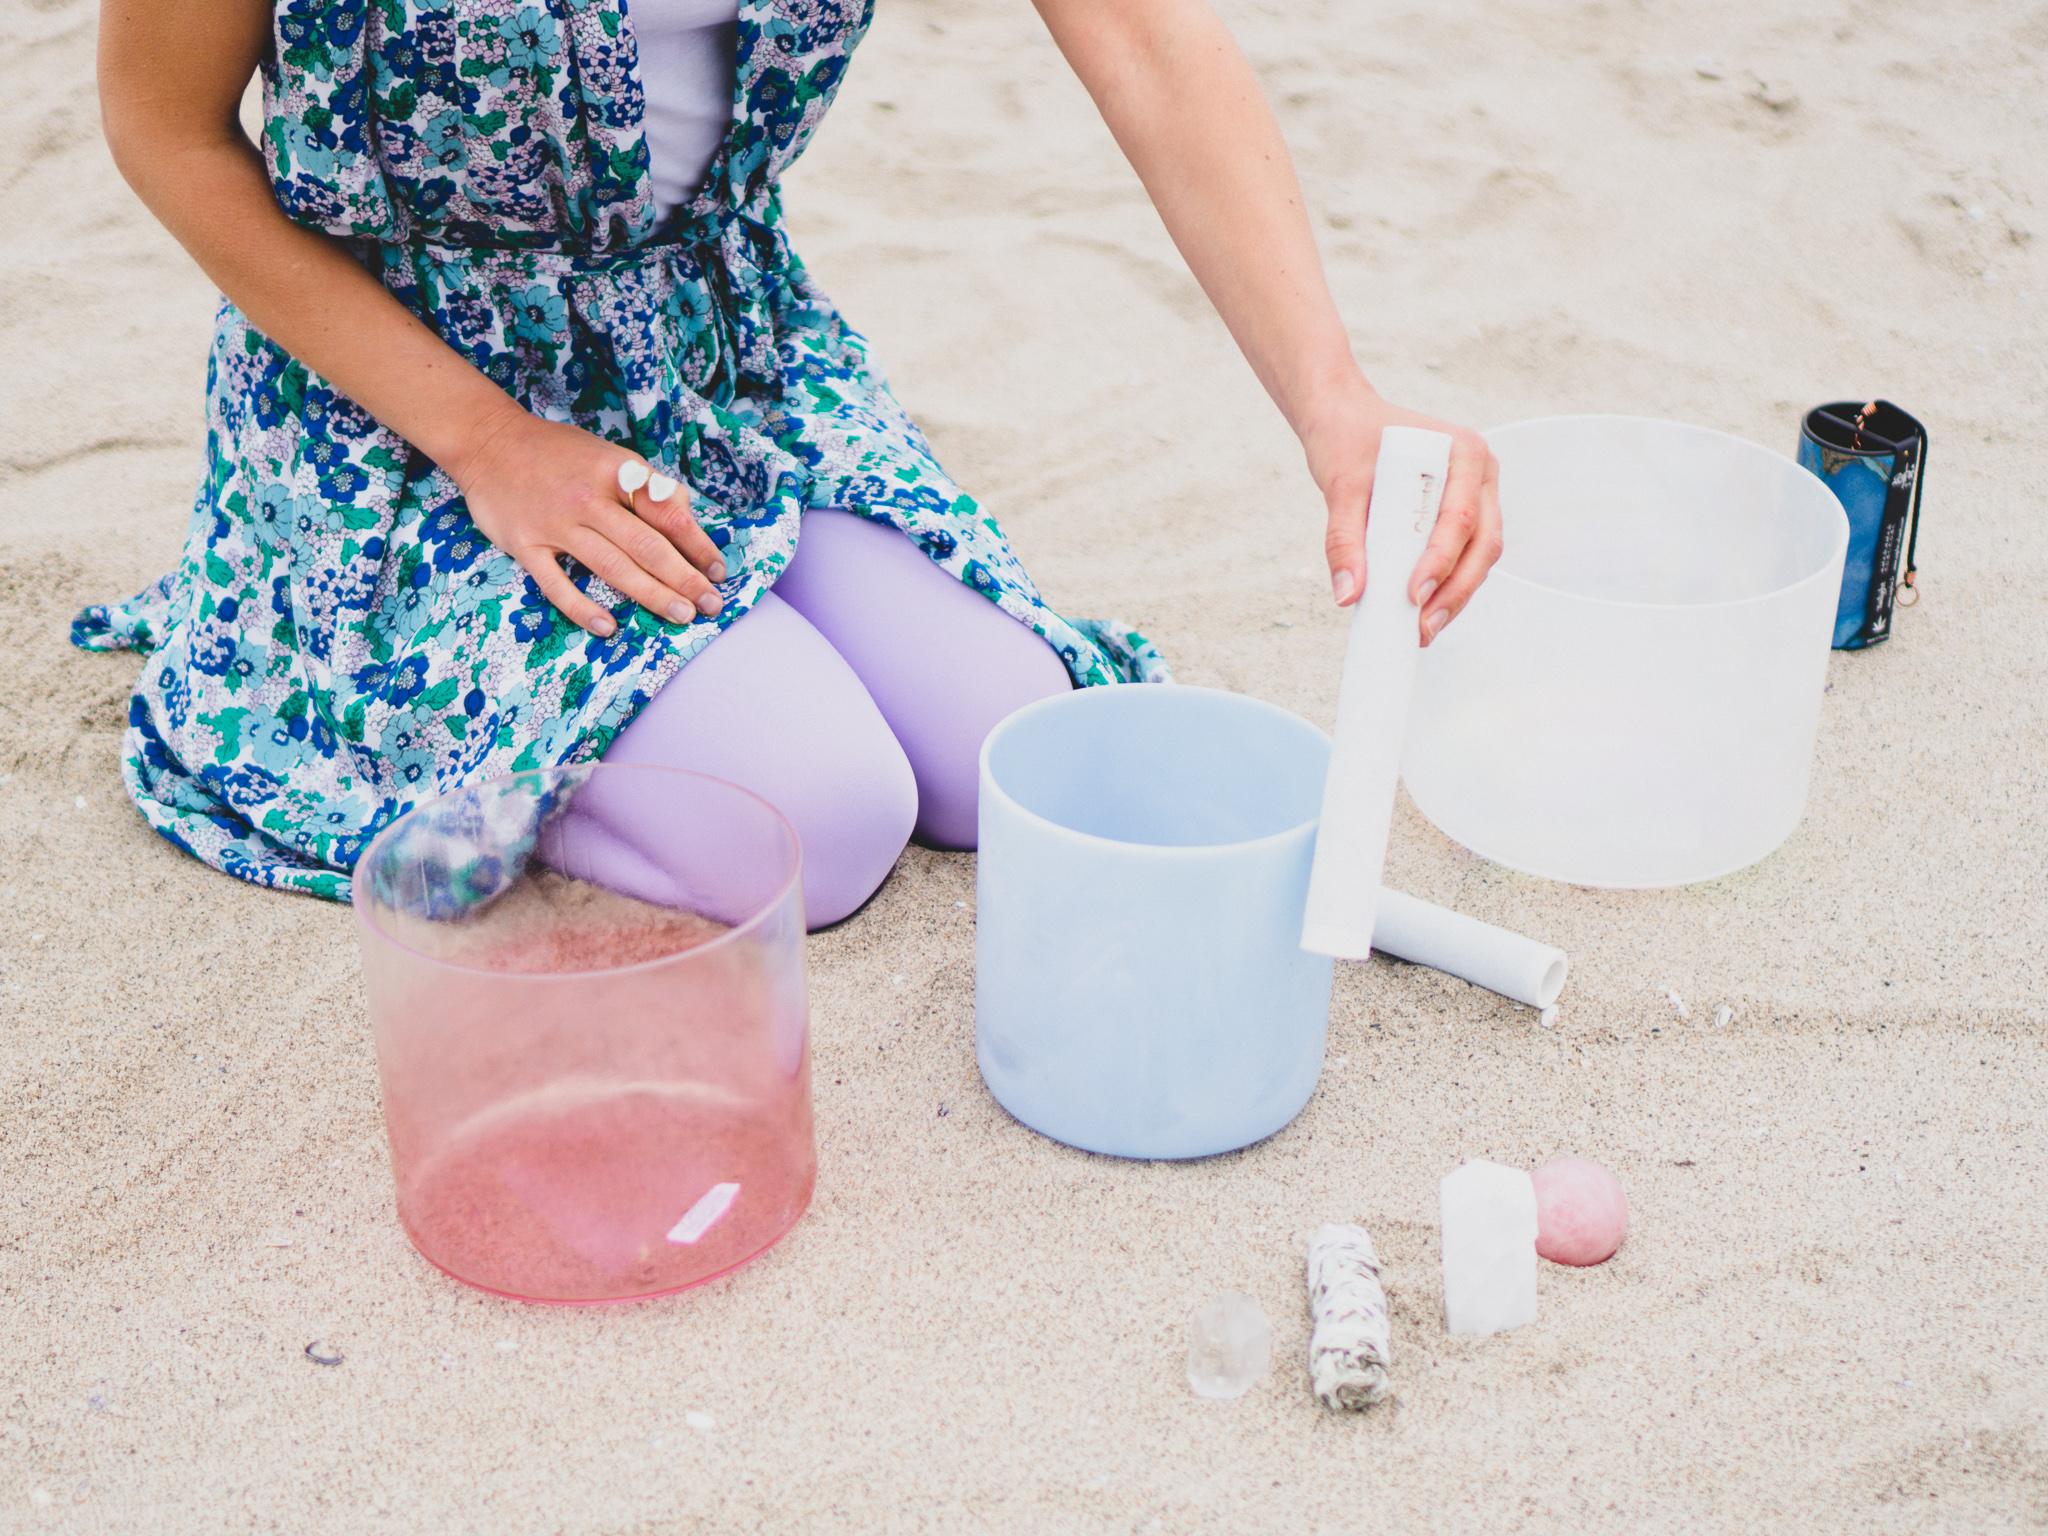 crystal-tones-irinasterna-bowls5.jpg